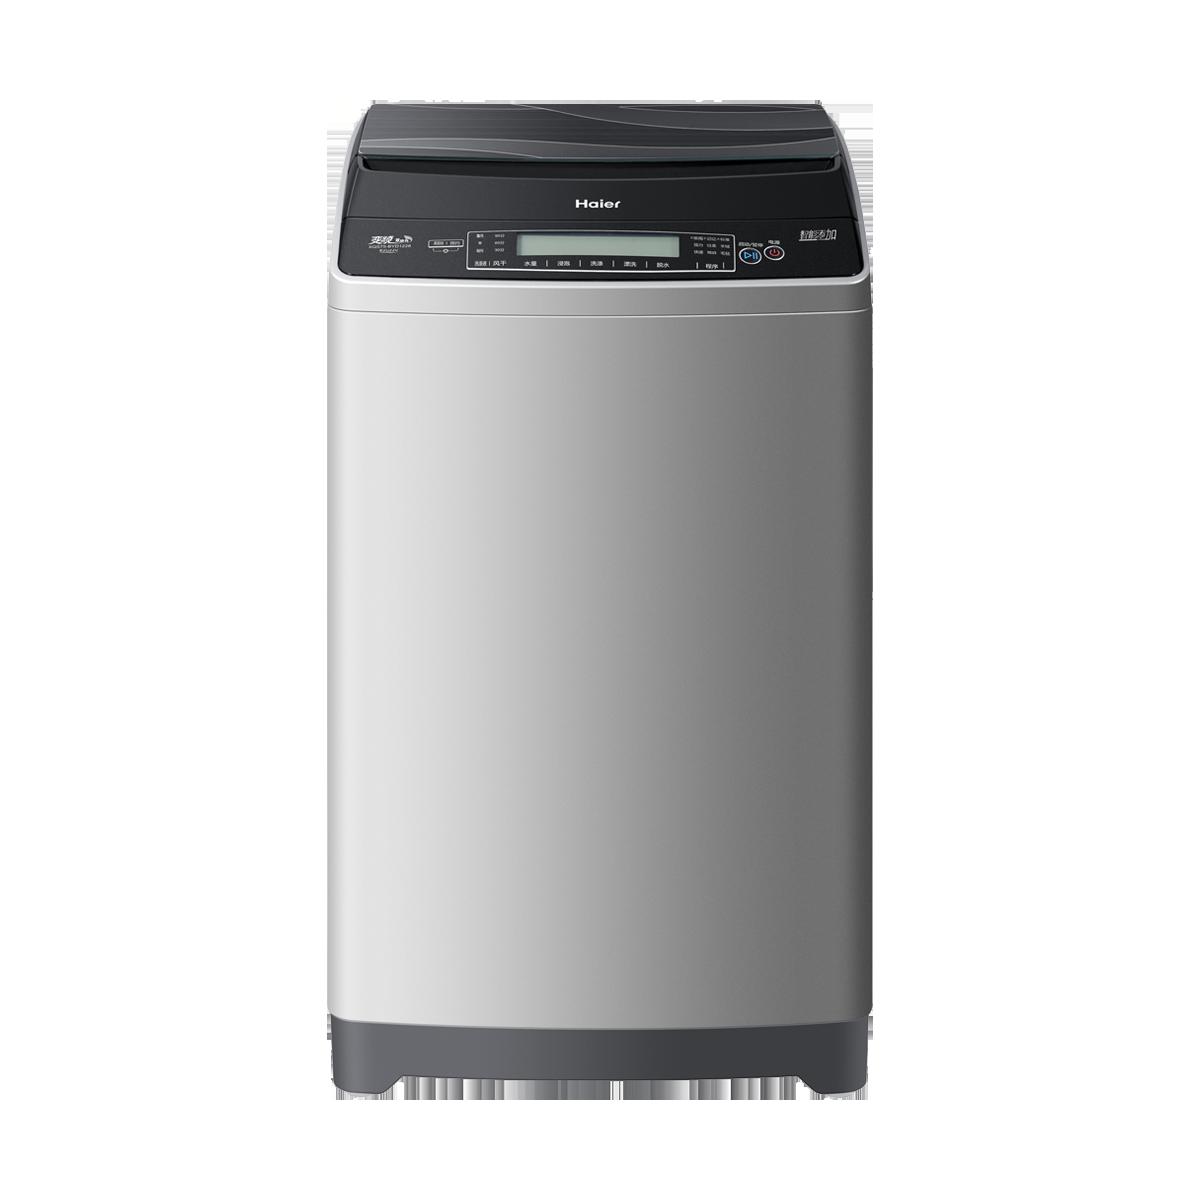 海尔Haier洗衣机 XQS75-BYD1228 说明书